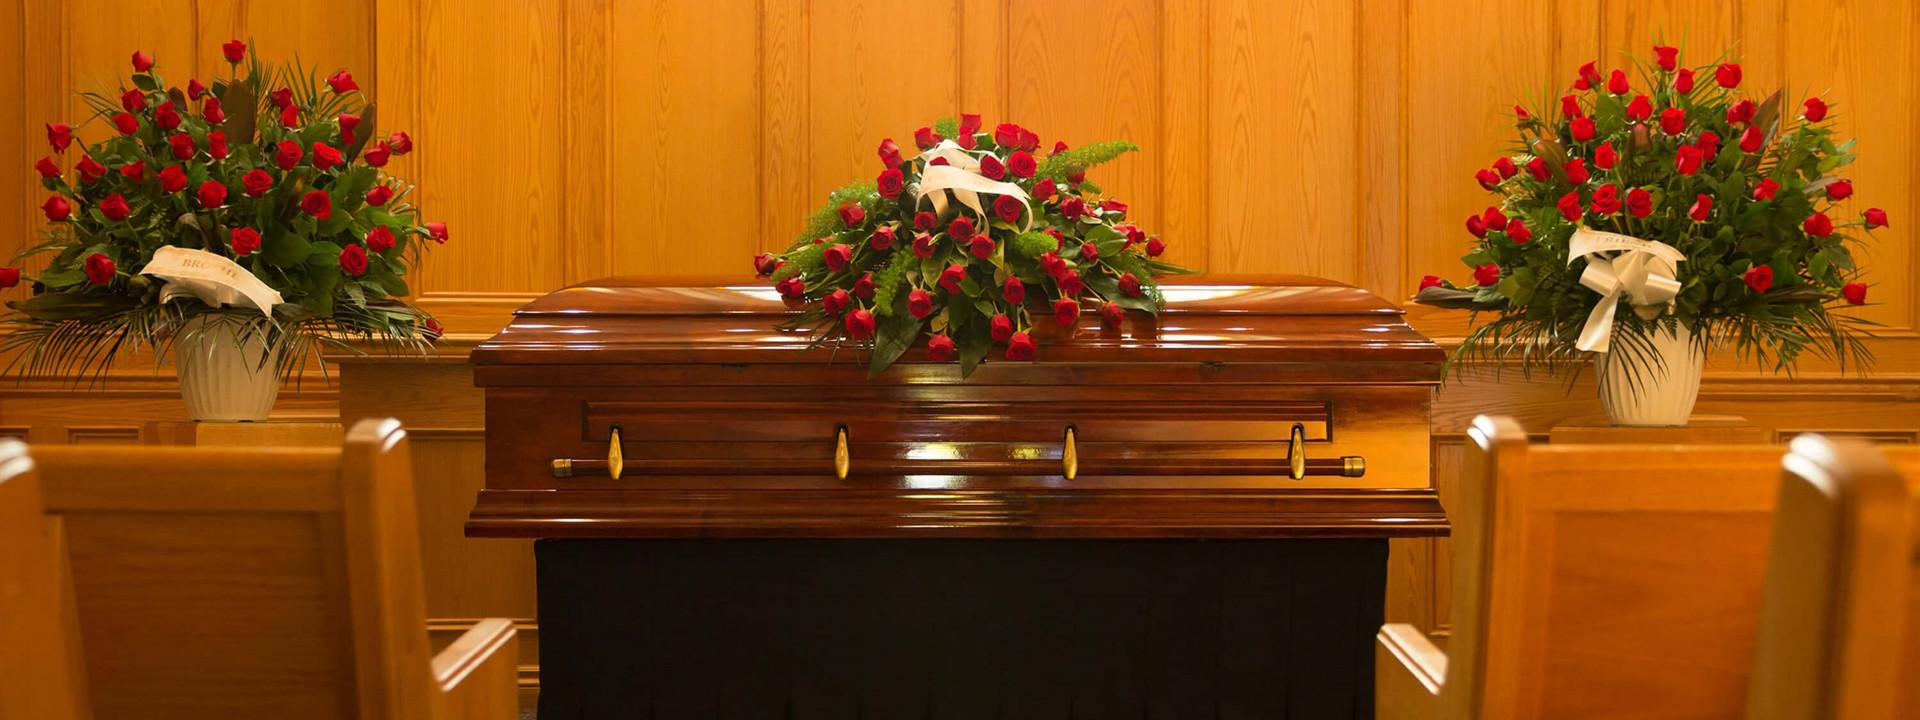 Effortless Packaging | Harper Community Funeral Home